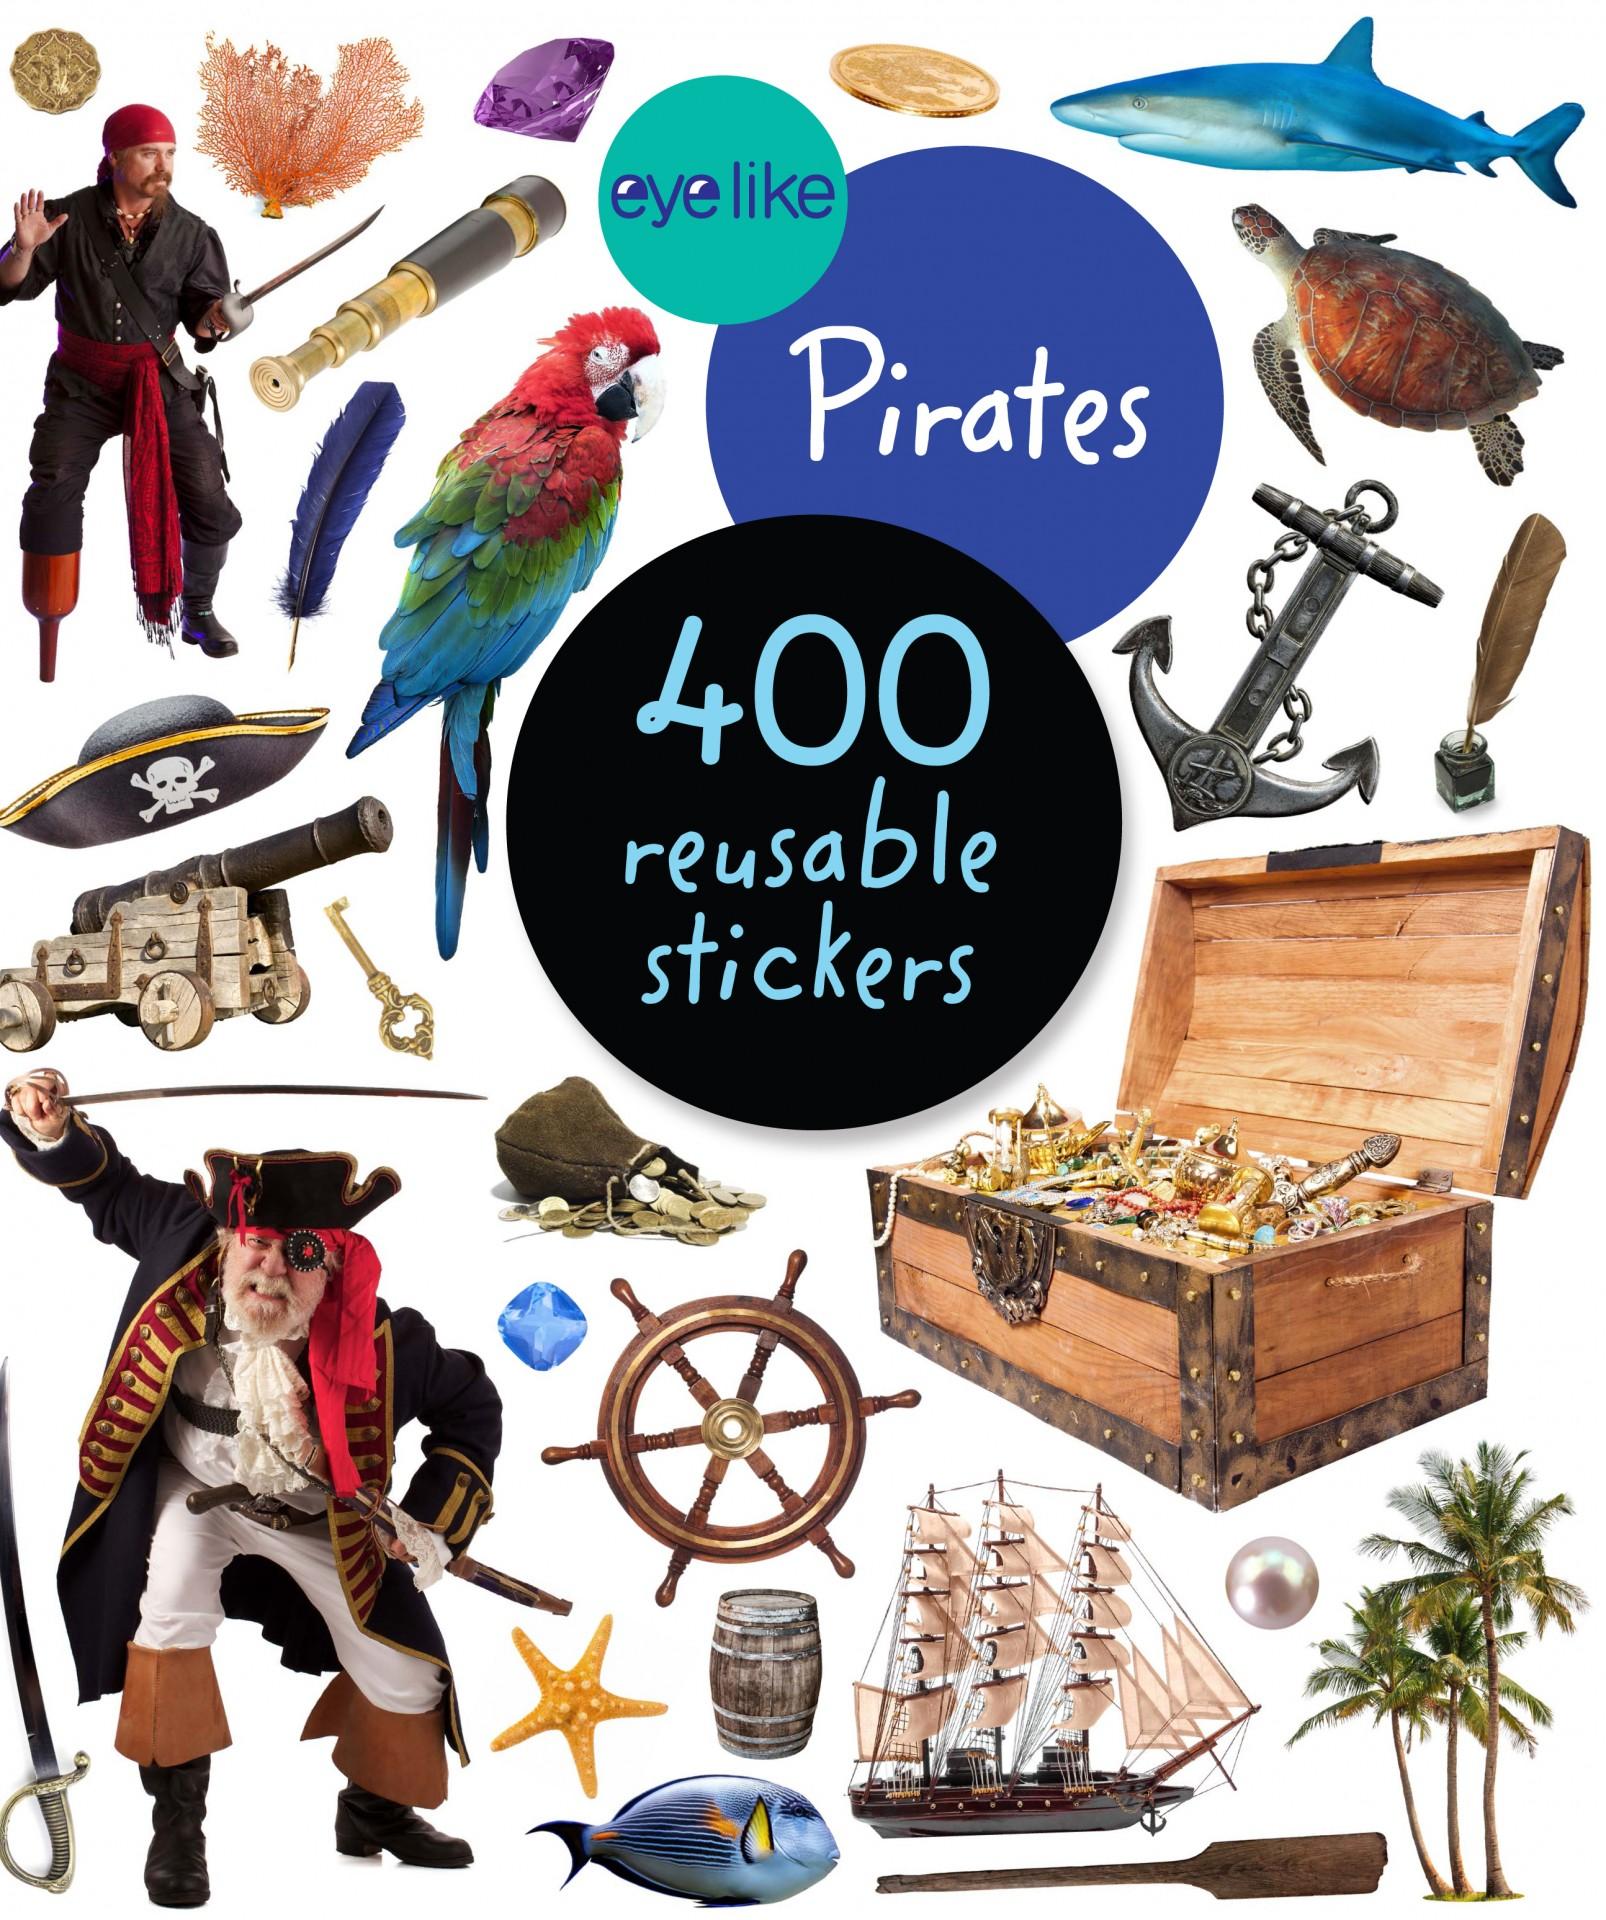 Piratas - Livro de Autocolantes Reutilizáveis